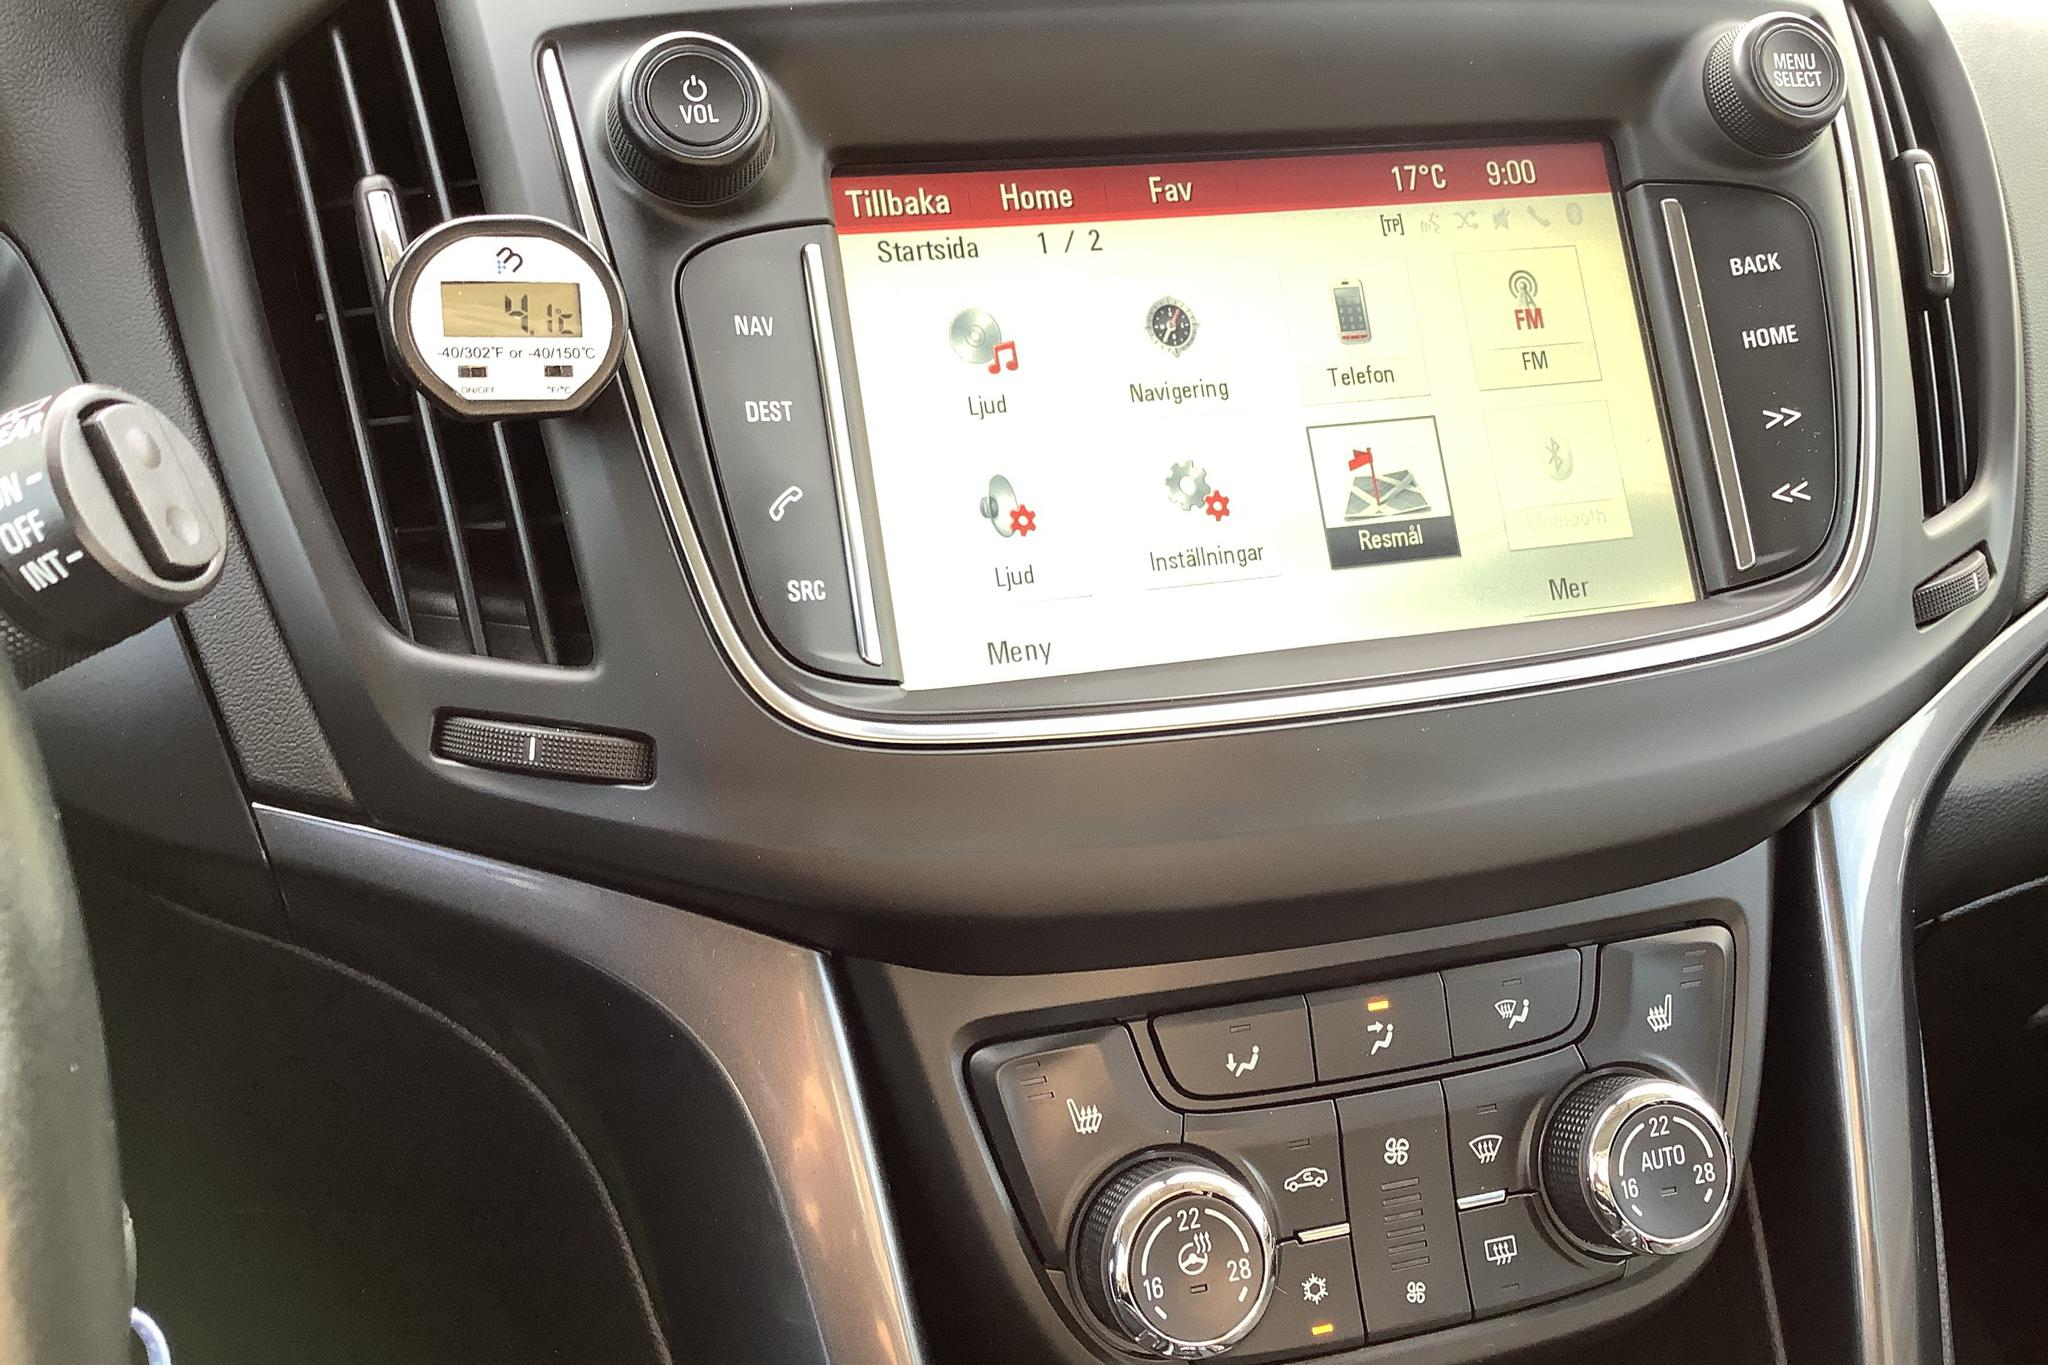 Opel Zafira 2.0 CDTI ECOTEC (170hk) - 6 046 mil - Automat - grå - 2017